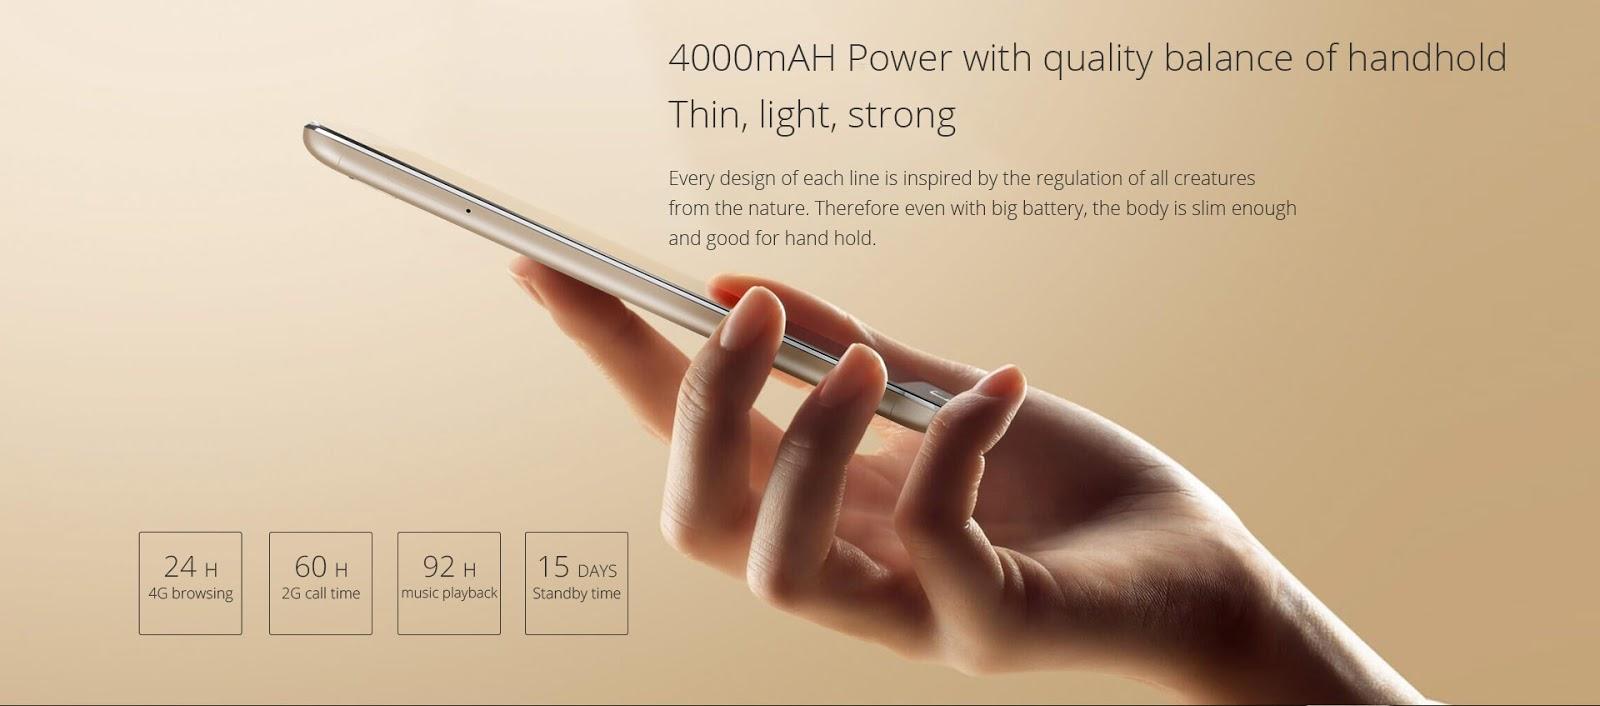 le point fort du UMI Touch X : l'autonomie